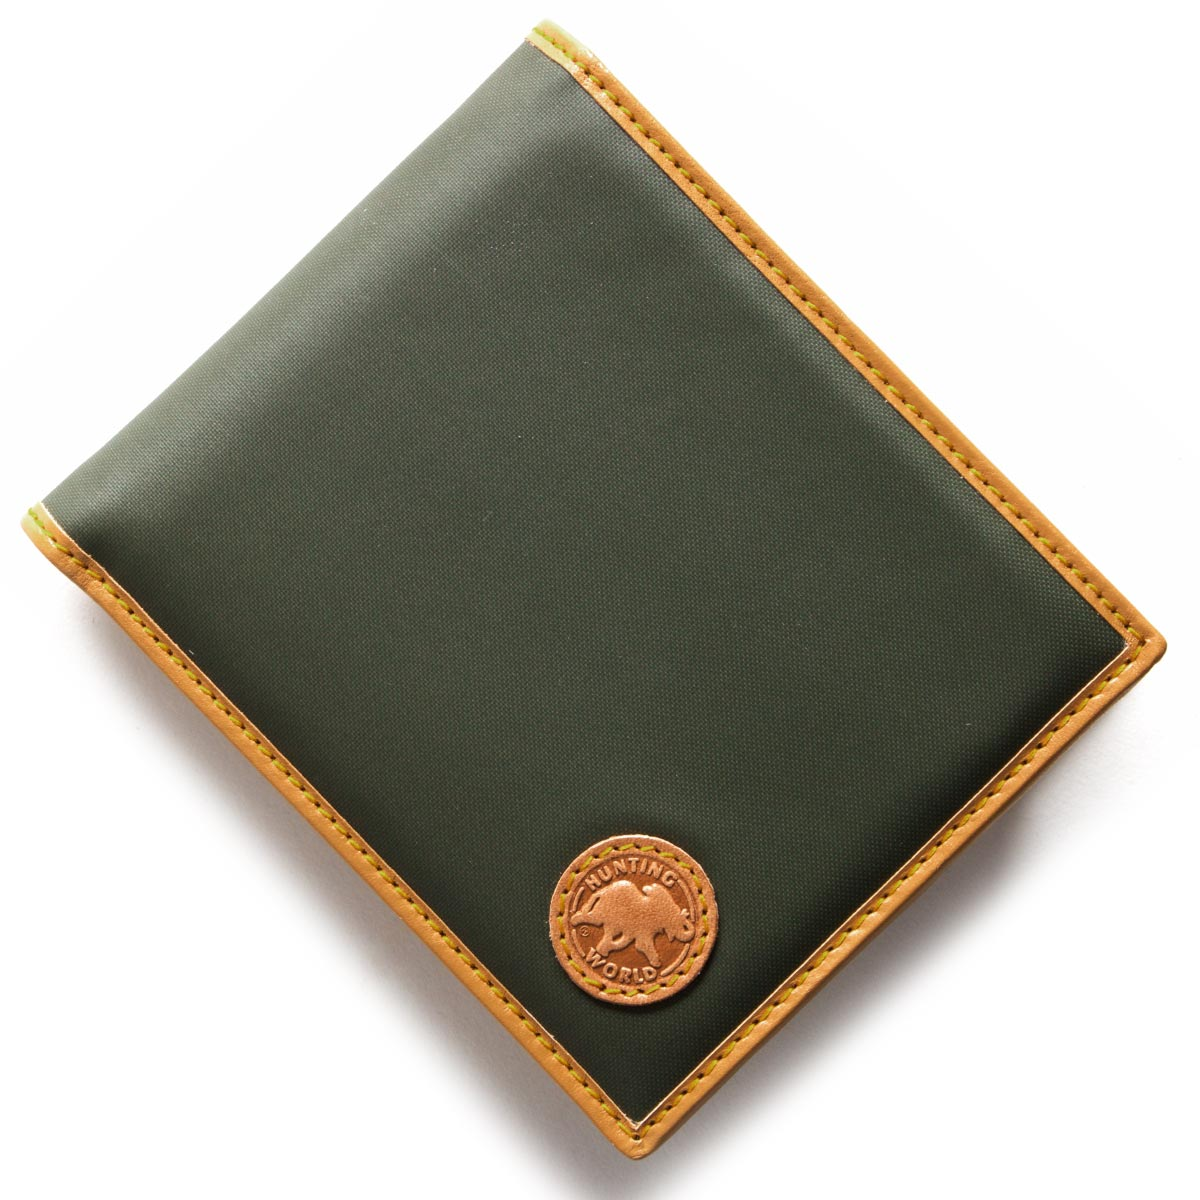 ハンティングワールド 二つ折り財布 財布 メンズ バチュー オリジン BATTUE ORIGIN グリーン&ヴィンテージナチュラル 310 10A HUNTING WORLD バーゲン